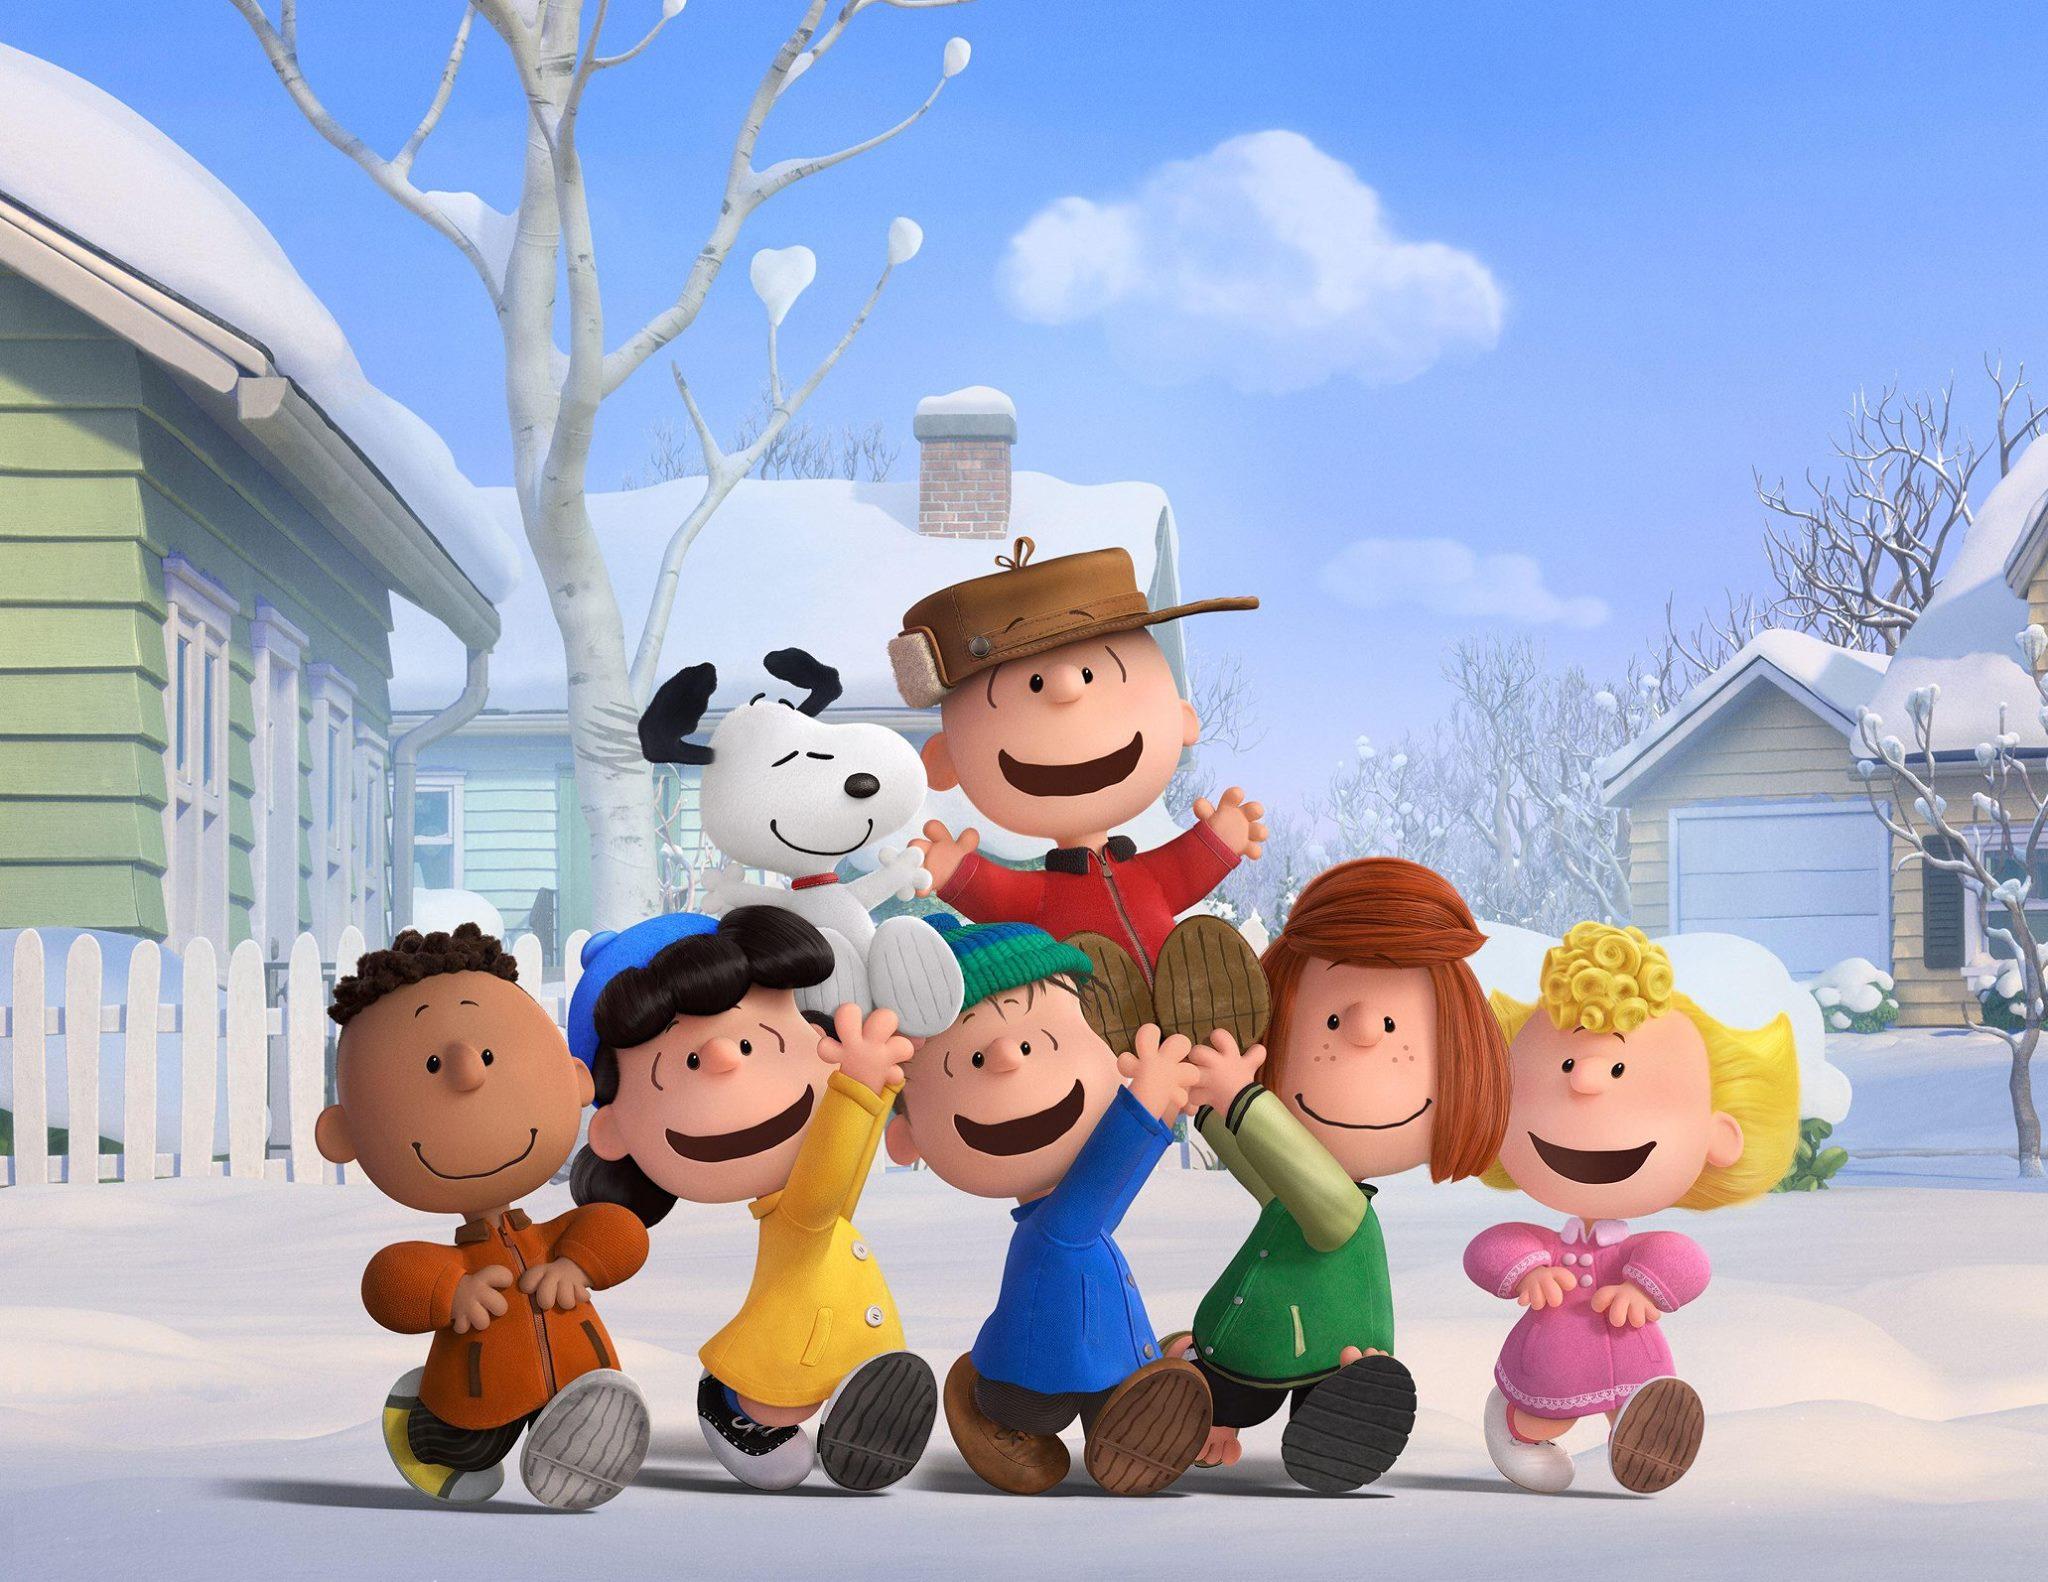 Snoopy e Charlie Brown – Peanuts: O Filme